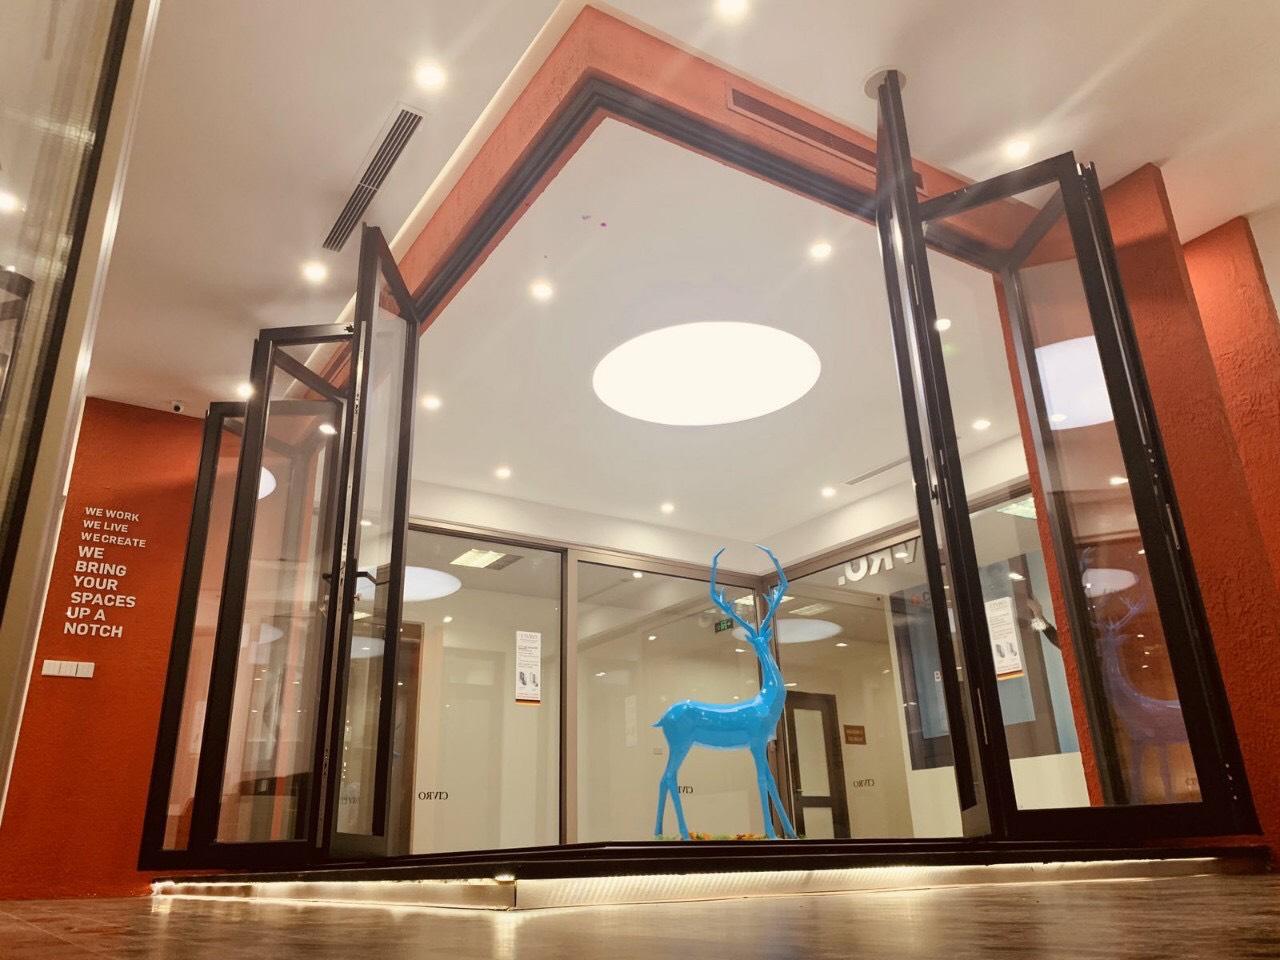 Cửa xếp trượt cánh tạo góc vuông 90 độ nhôm CIVRO phụ kiện CMECH,kiến tạo không gian cho ngôi nhà